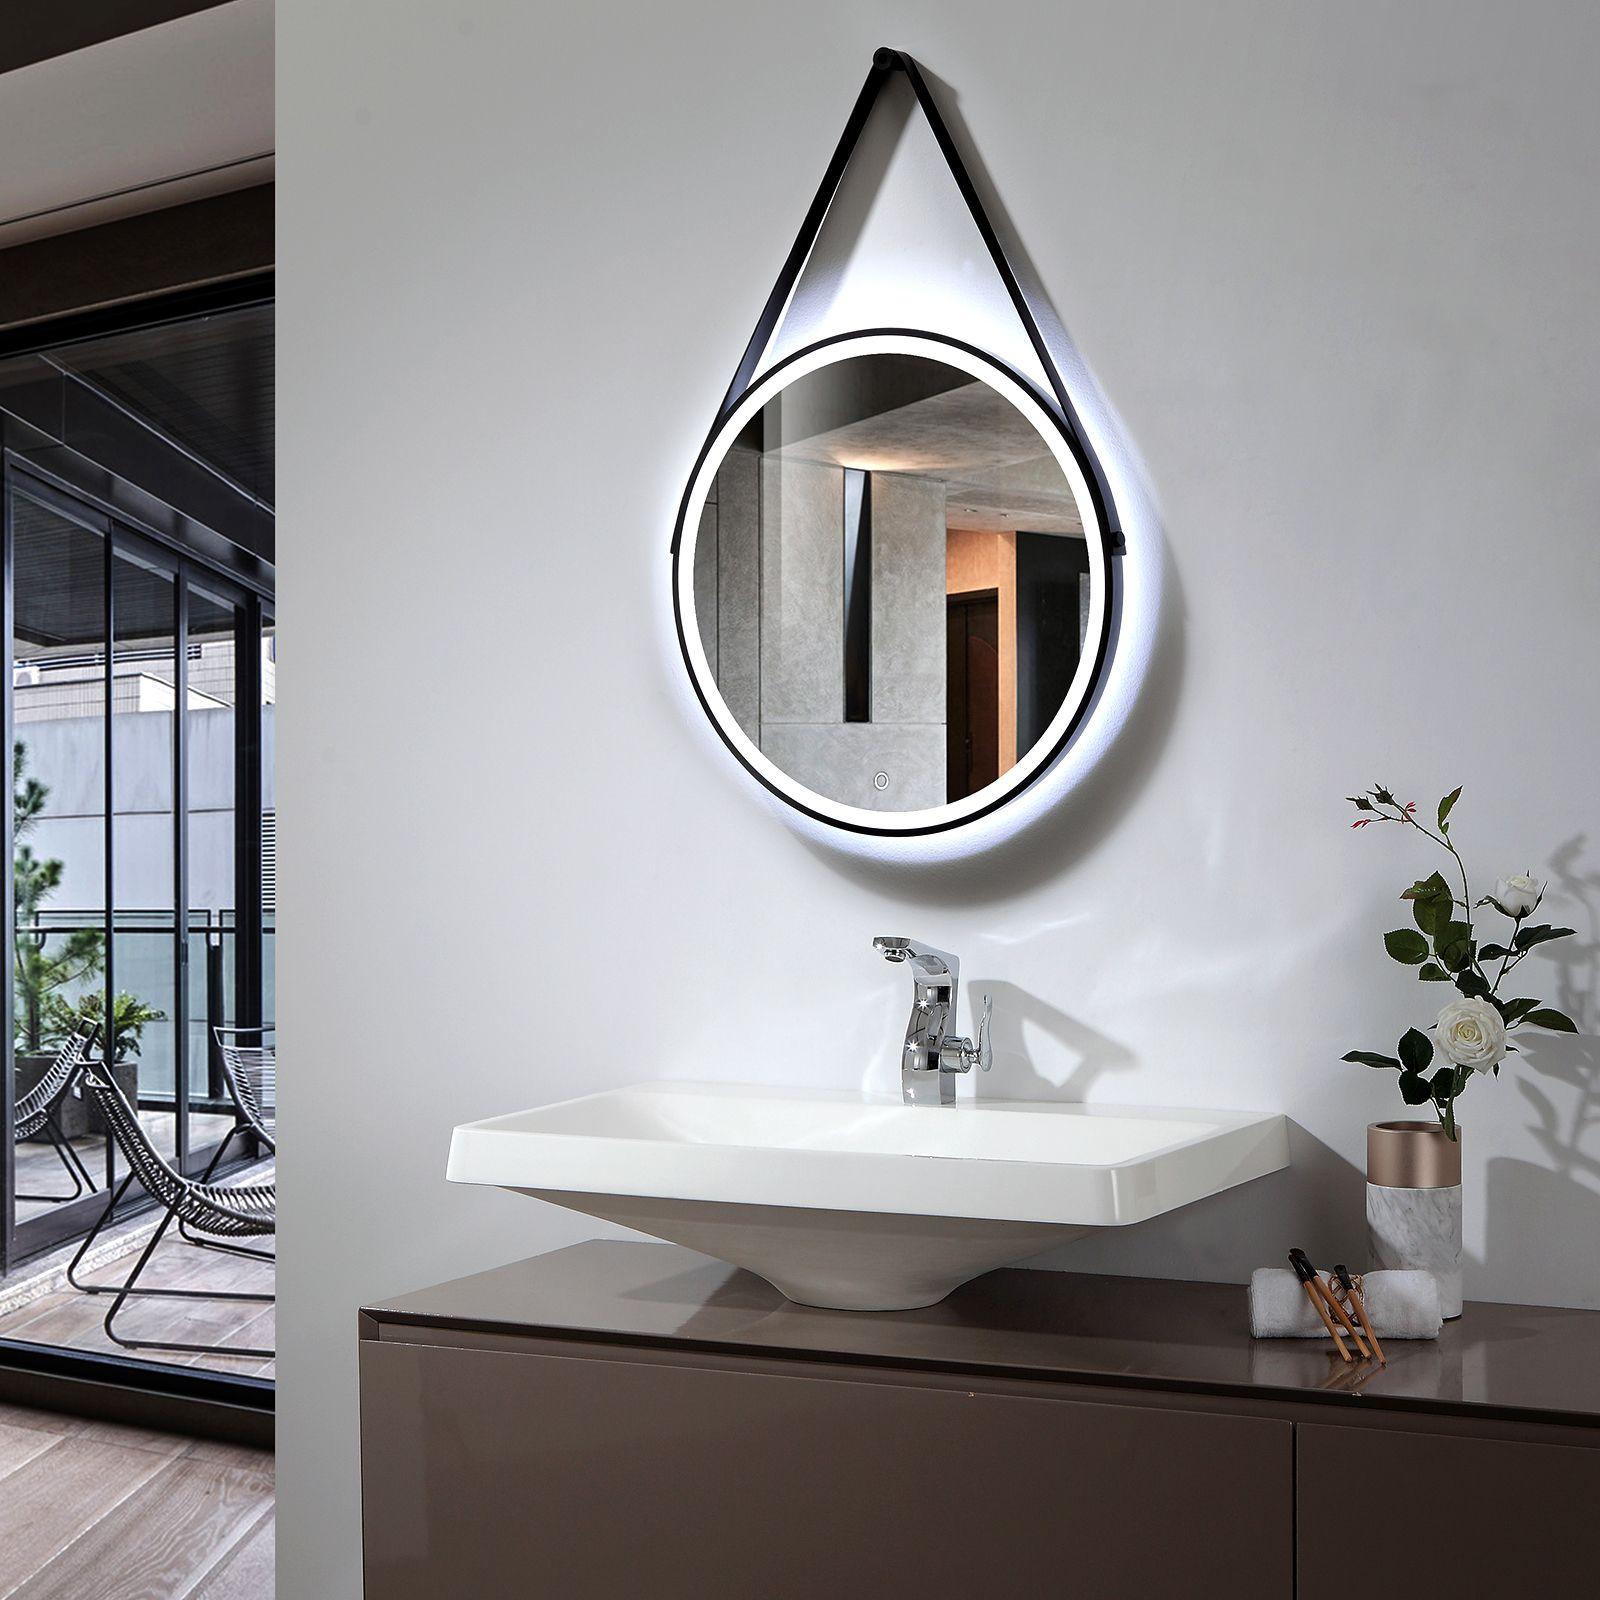 Pin Von Sophia Auf Haus In 2020 Badezimmerspiegel Badspiegel